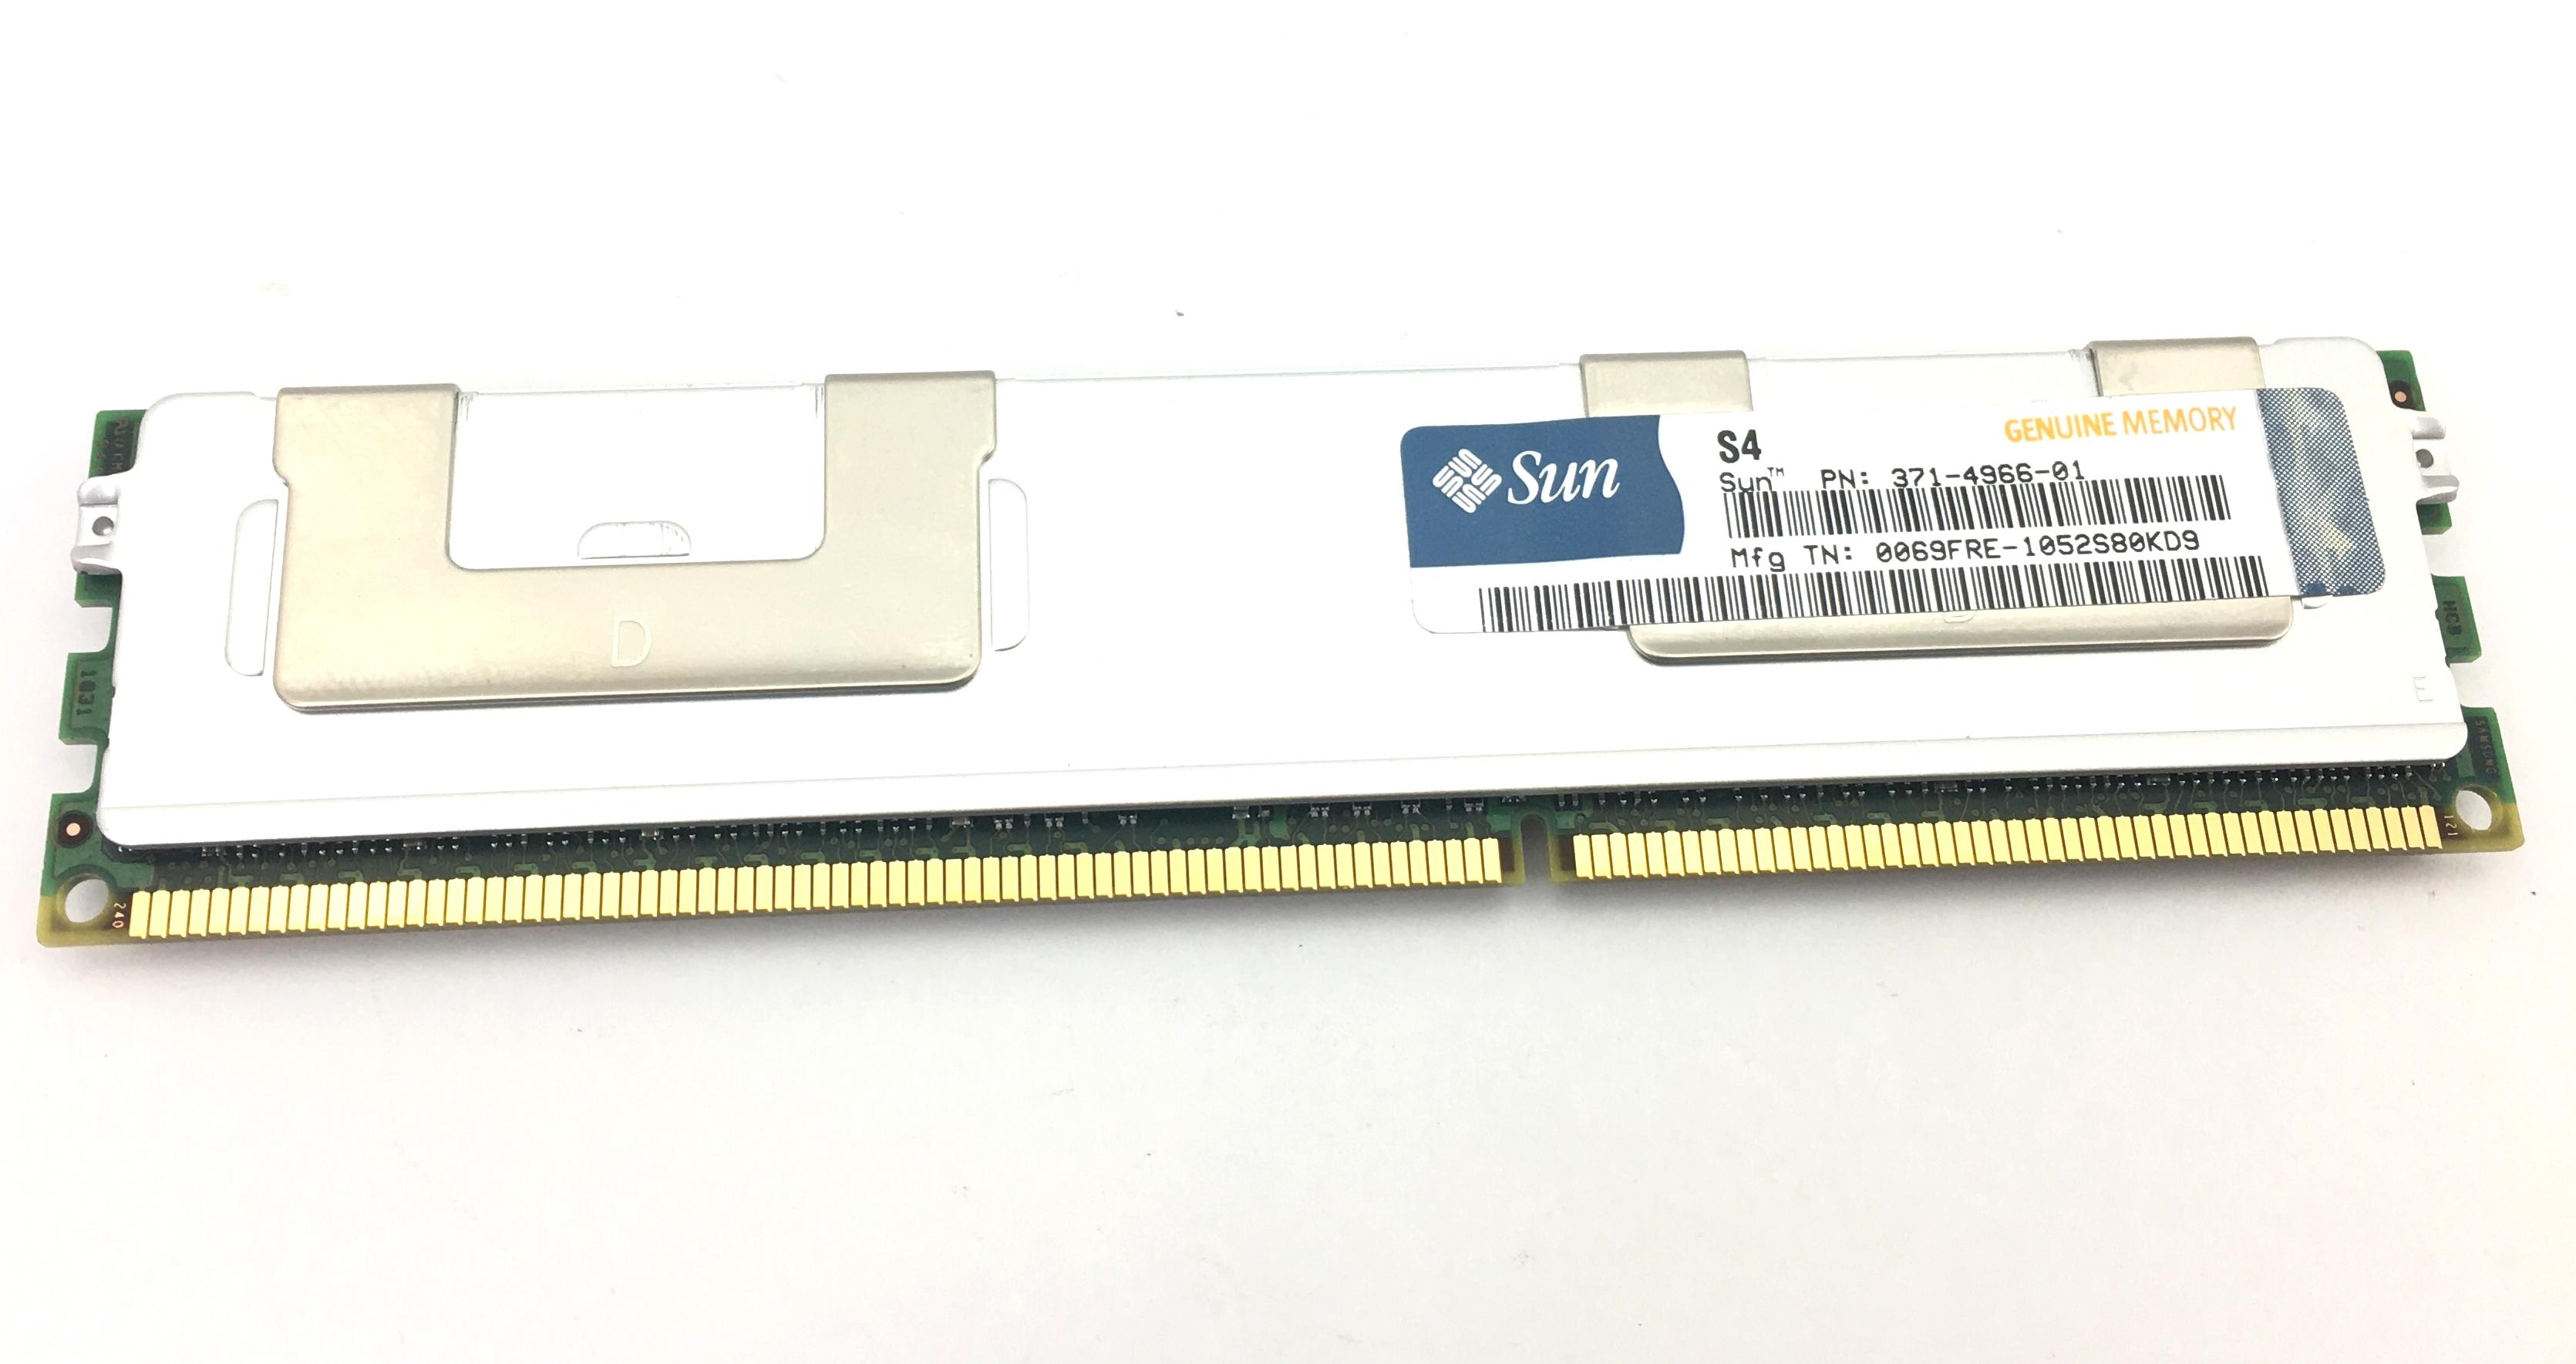 Sun 8GB 2Rx4 PC3L-10600R DDR3-1333 ECC REG Memory (371-4966-01)